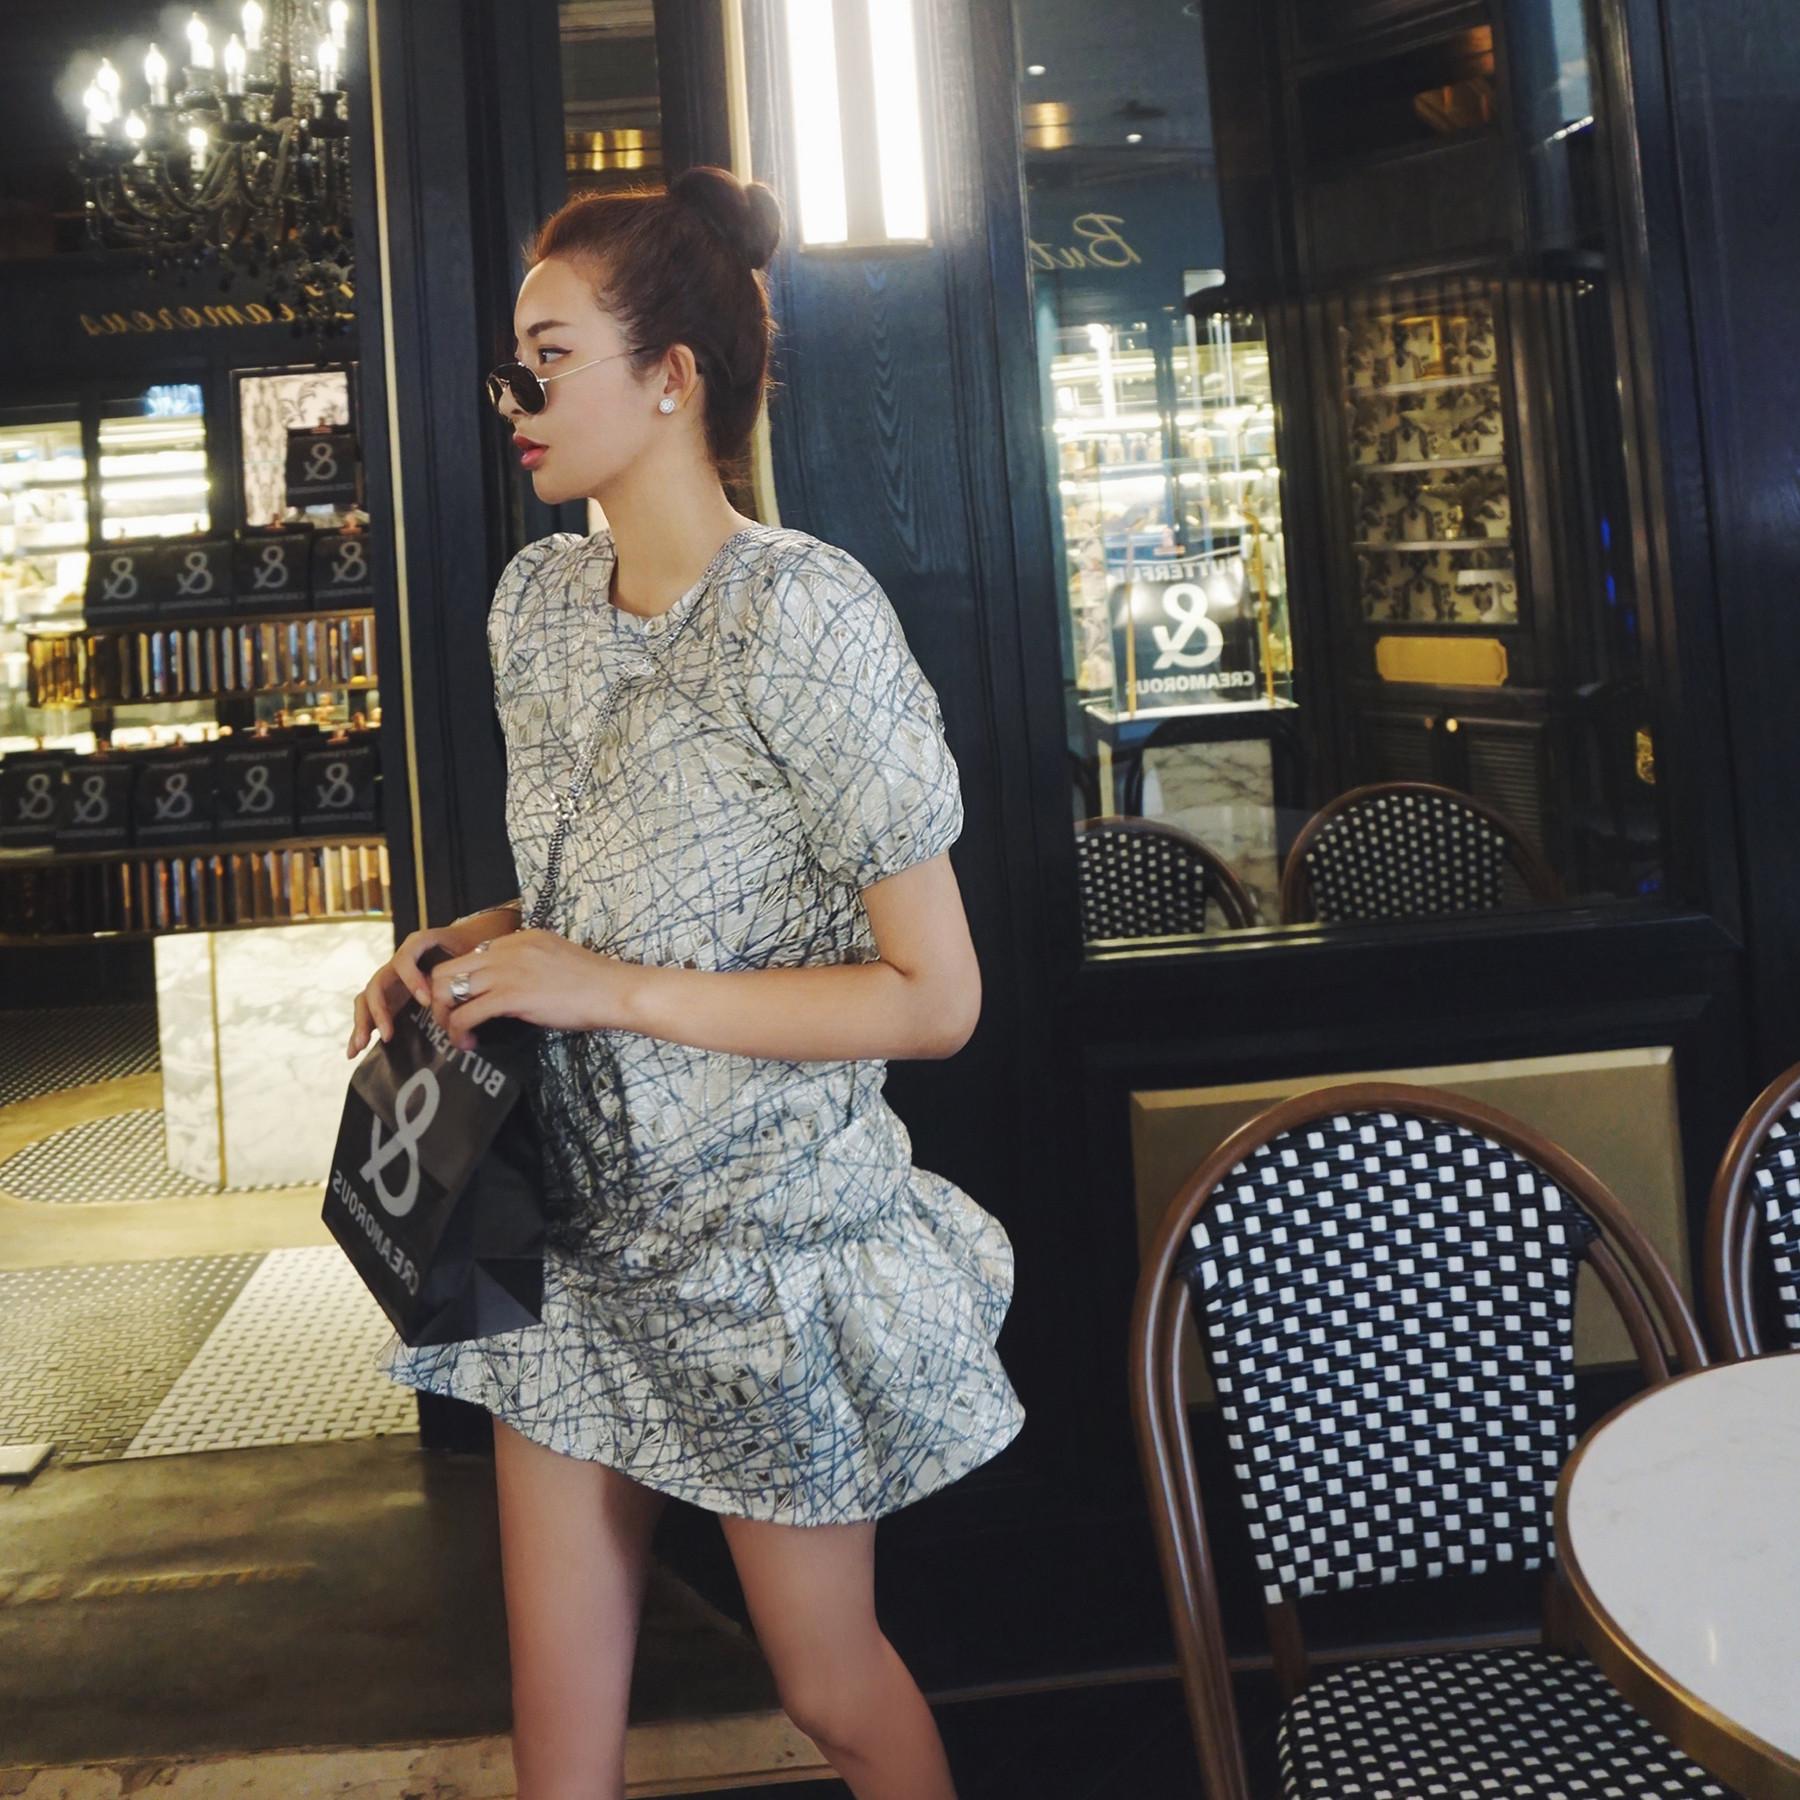 奢华银丝浮雕褶皱小泡泡袖连衣裙 特别适合小个子复古裙子